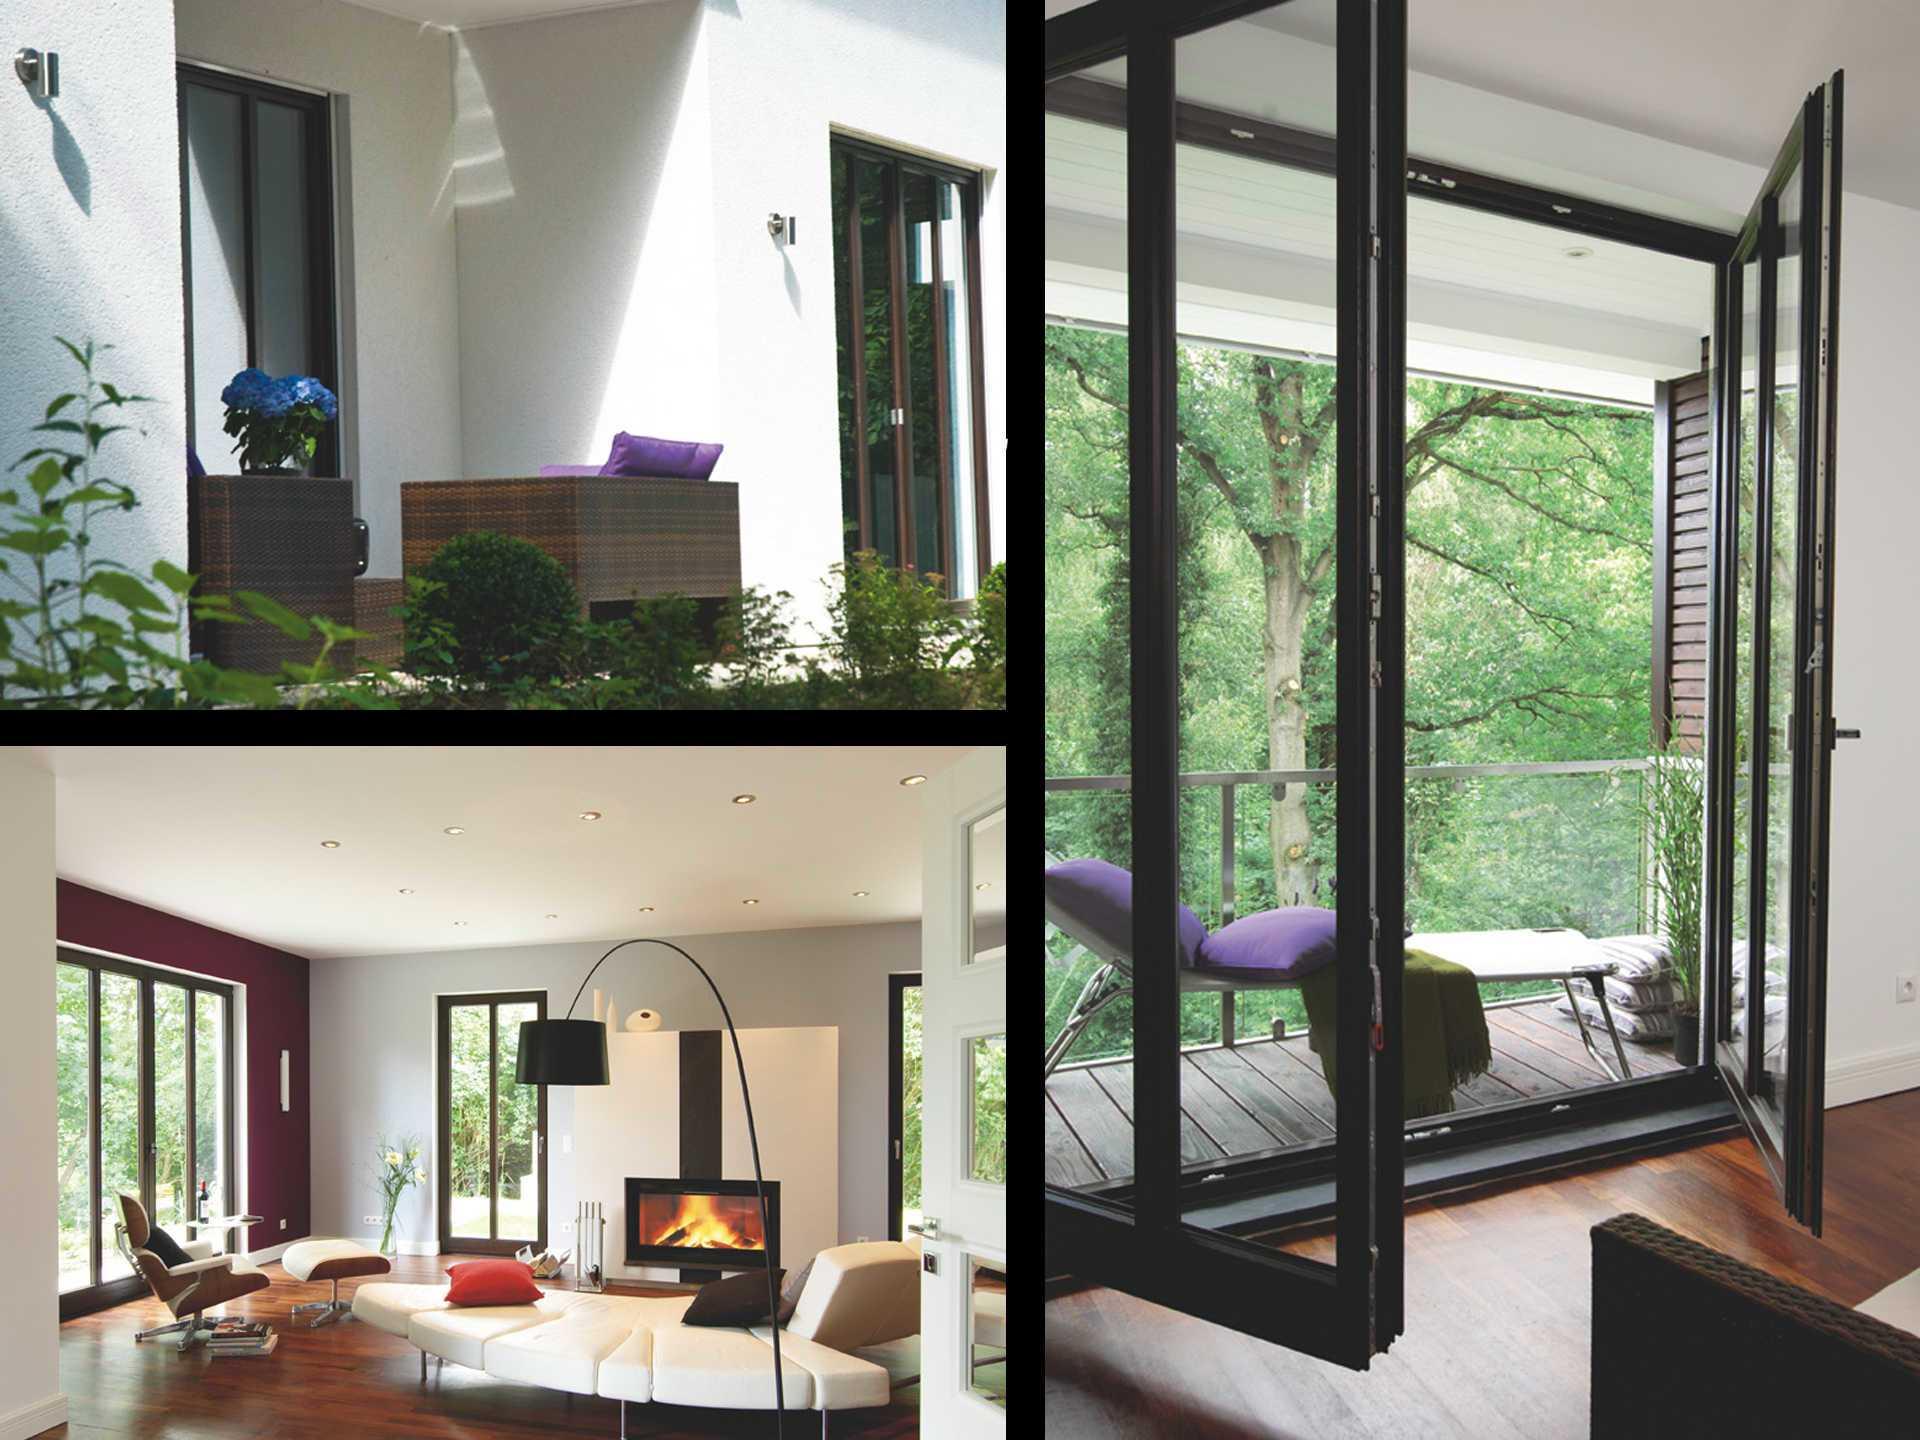 grundriss bauhaus villa bild von grundriss hier klicken die von heinz von heiden vermittelt. Black Bedroom Furniture Sets. Home Design Ideas